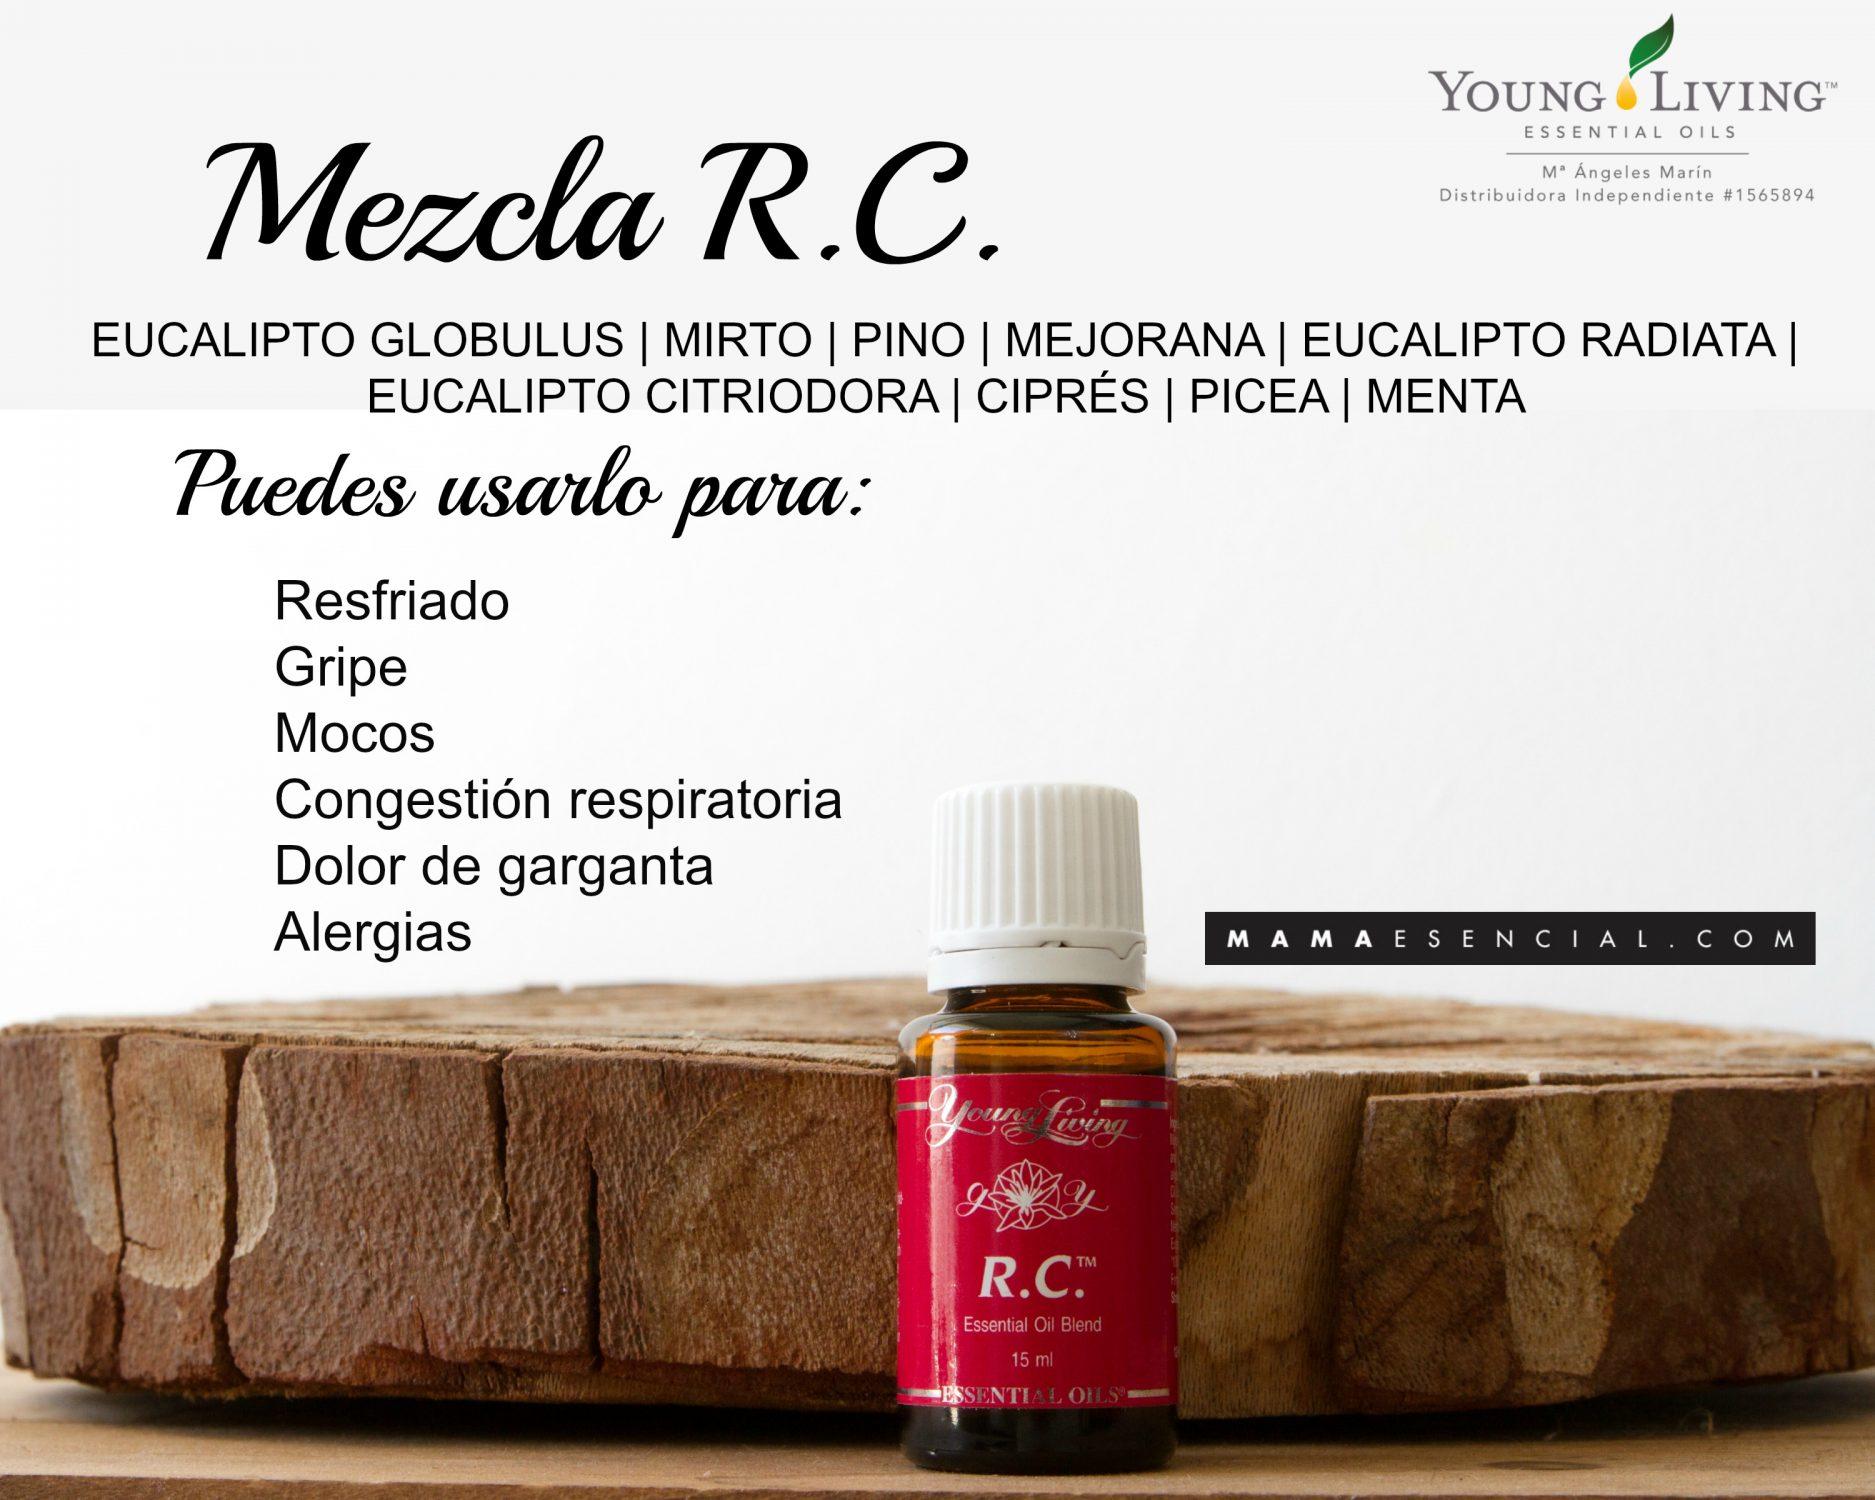 MEZCLA DE ACEITES ESENCIALES RC